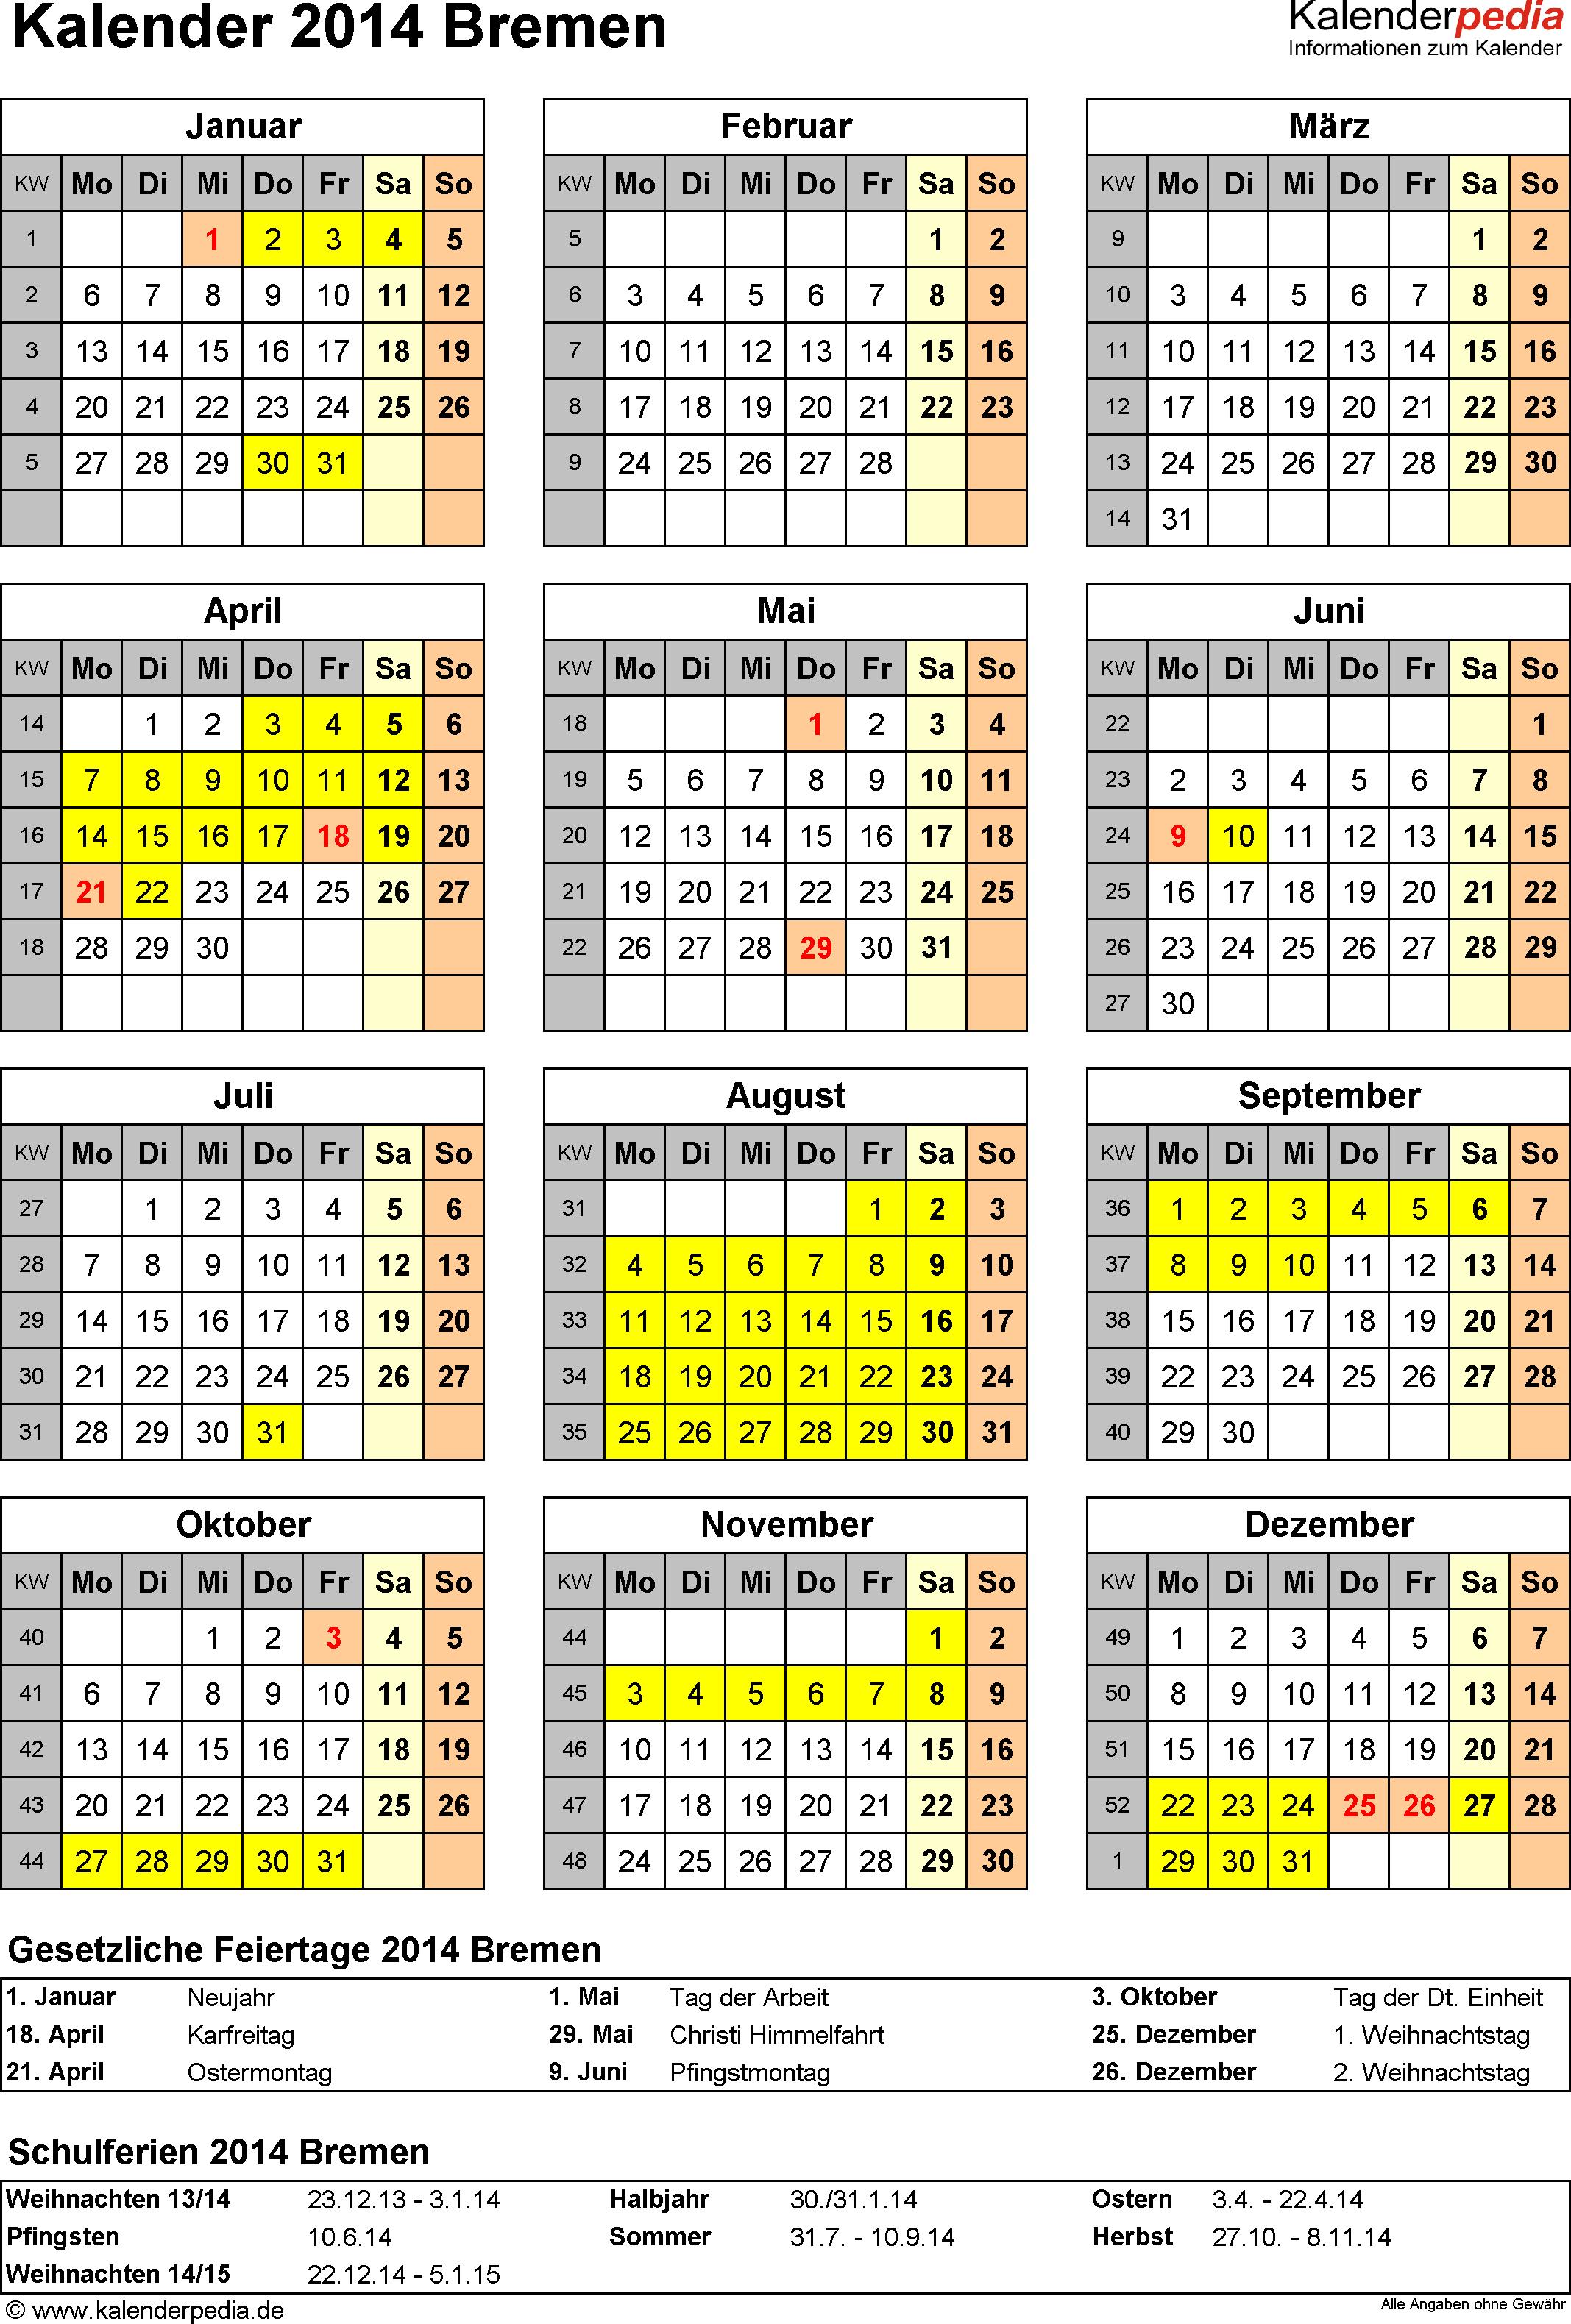 Vorlage 4: Kalender Bremen 2014 als Excel-Vorlage (Hochformat)